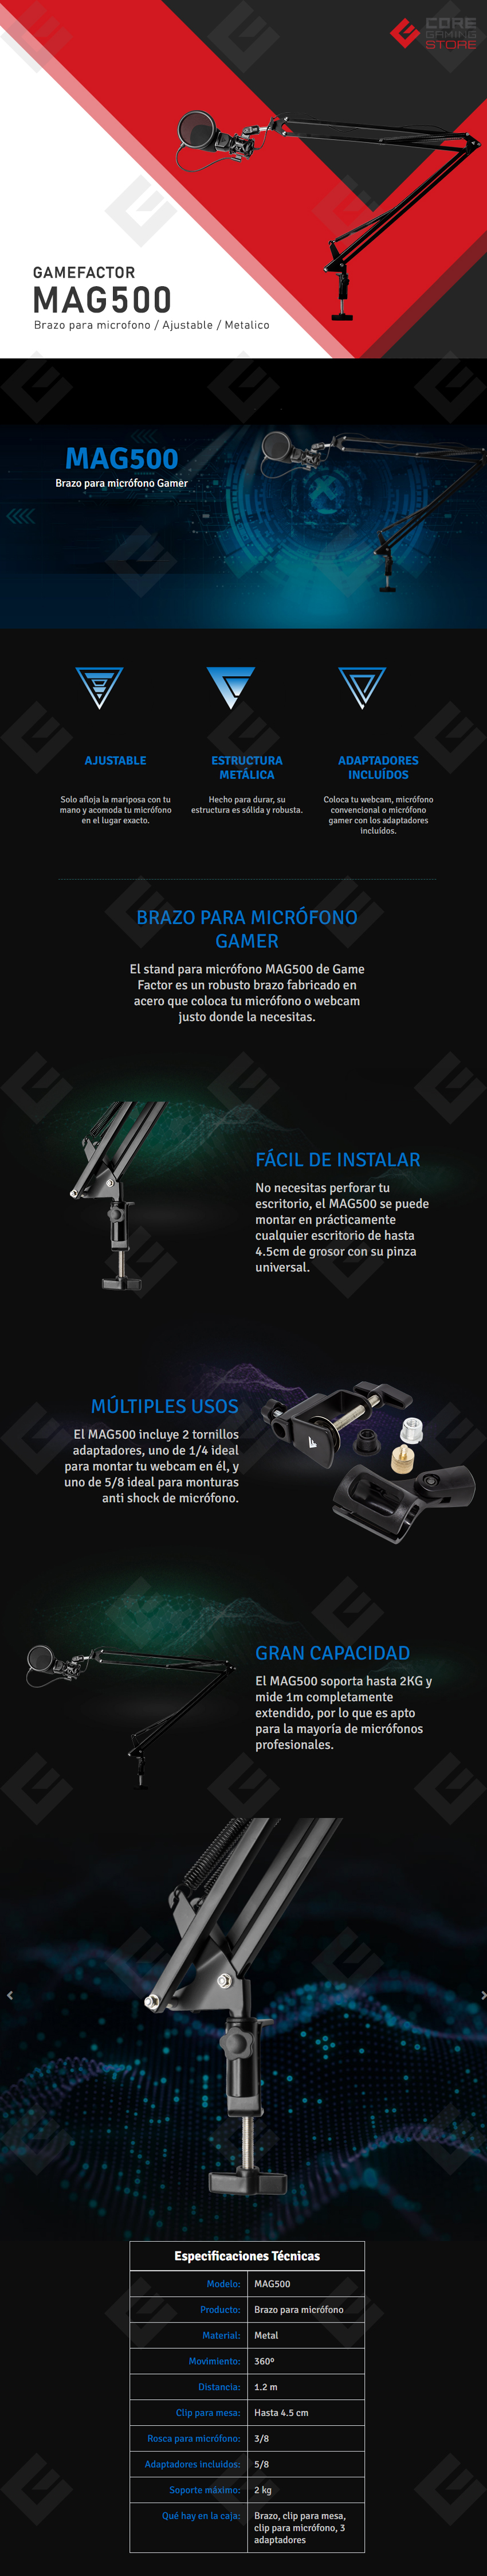 Brazo para Microfono/Camara GameFactor MAG500, Ajustable, Estructura Metalica